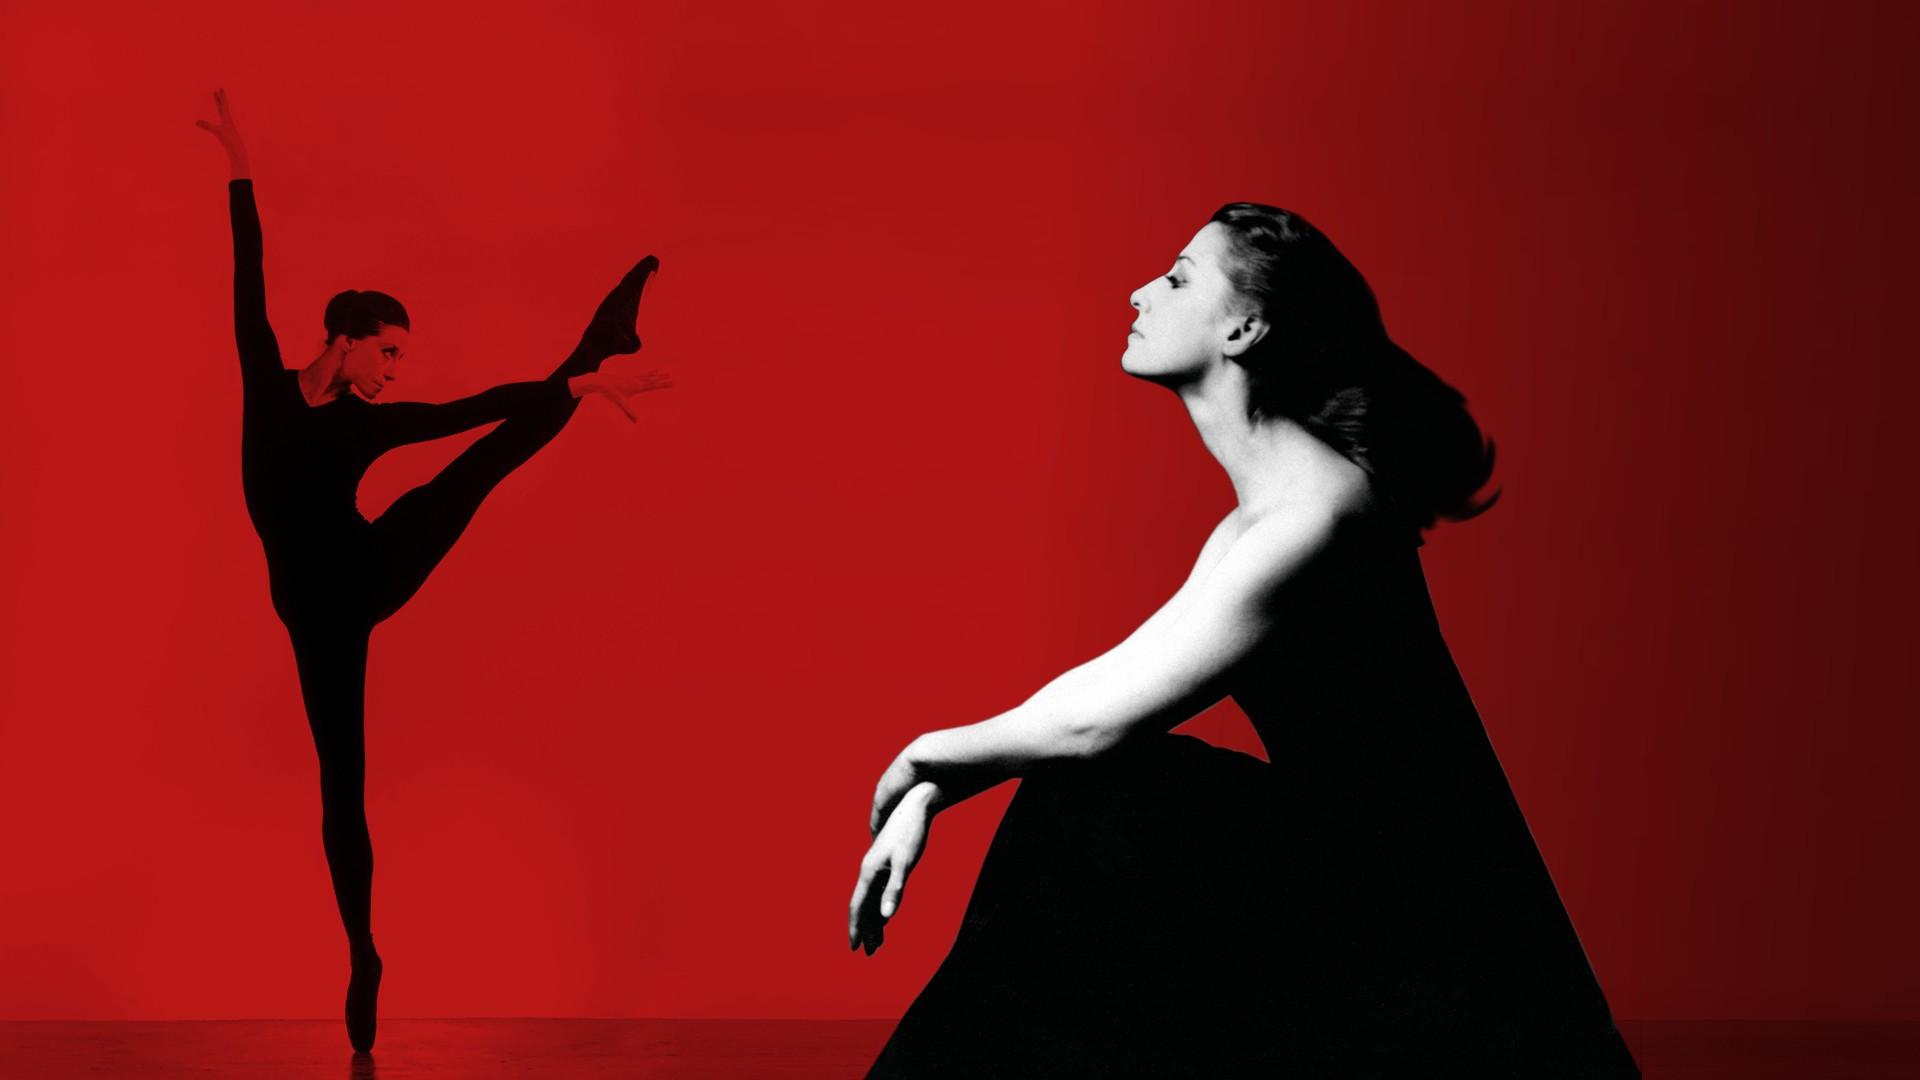 """Андрис Лиепа. Проект """"Автографы и имиджи"""". Гала-концерт звёзд мирового балета """"Майя Плисецкая. Посвящение"""""""